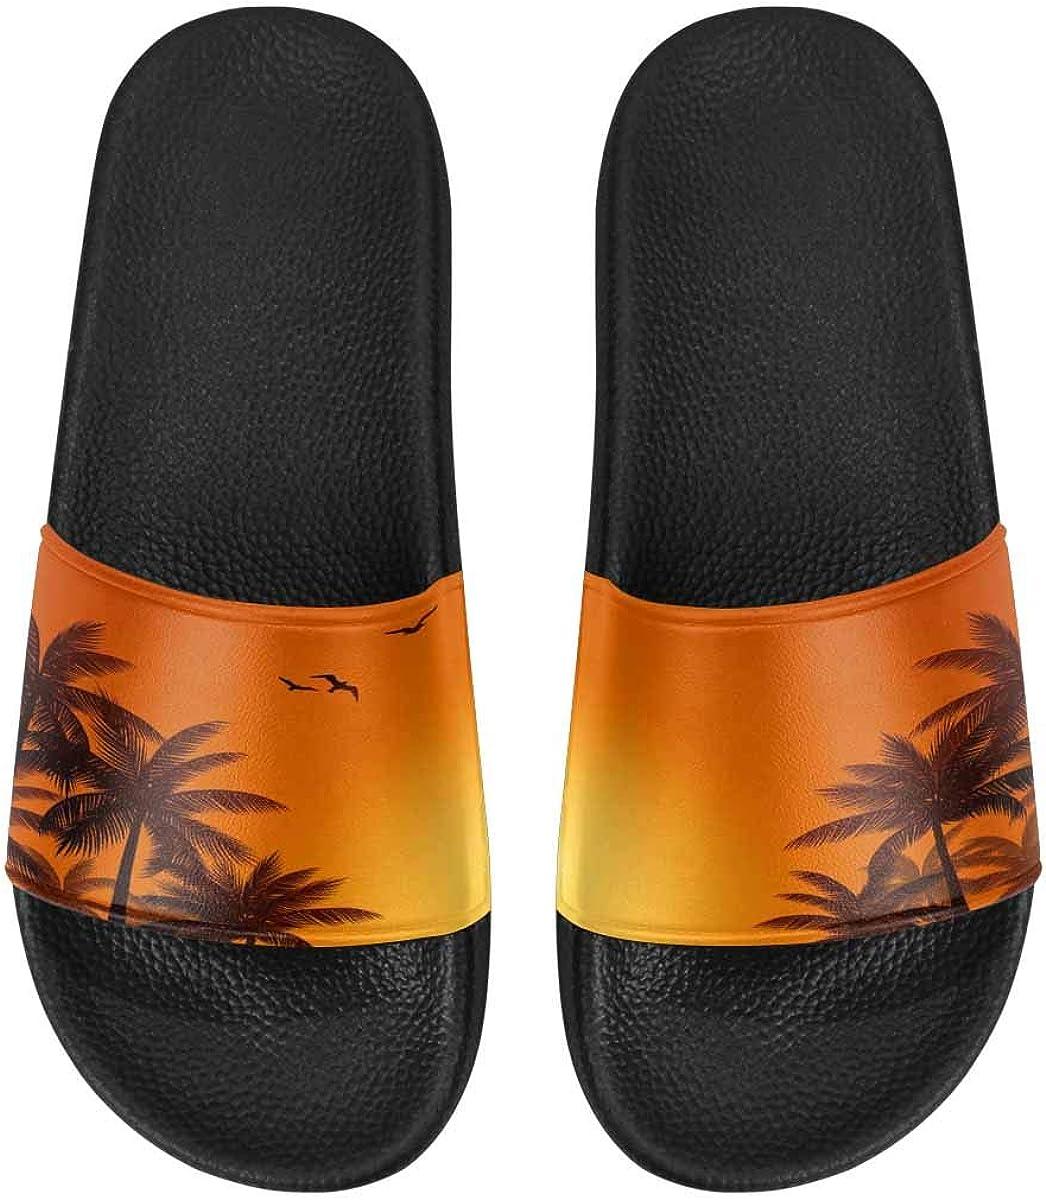 InterestPrint Women's Casual Slide Sandals for Indoor Outdoor Ornate Hamsa